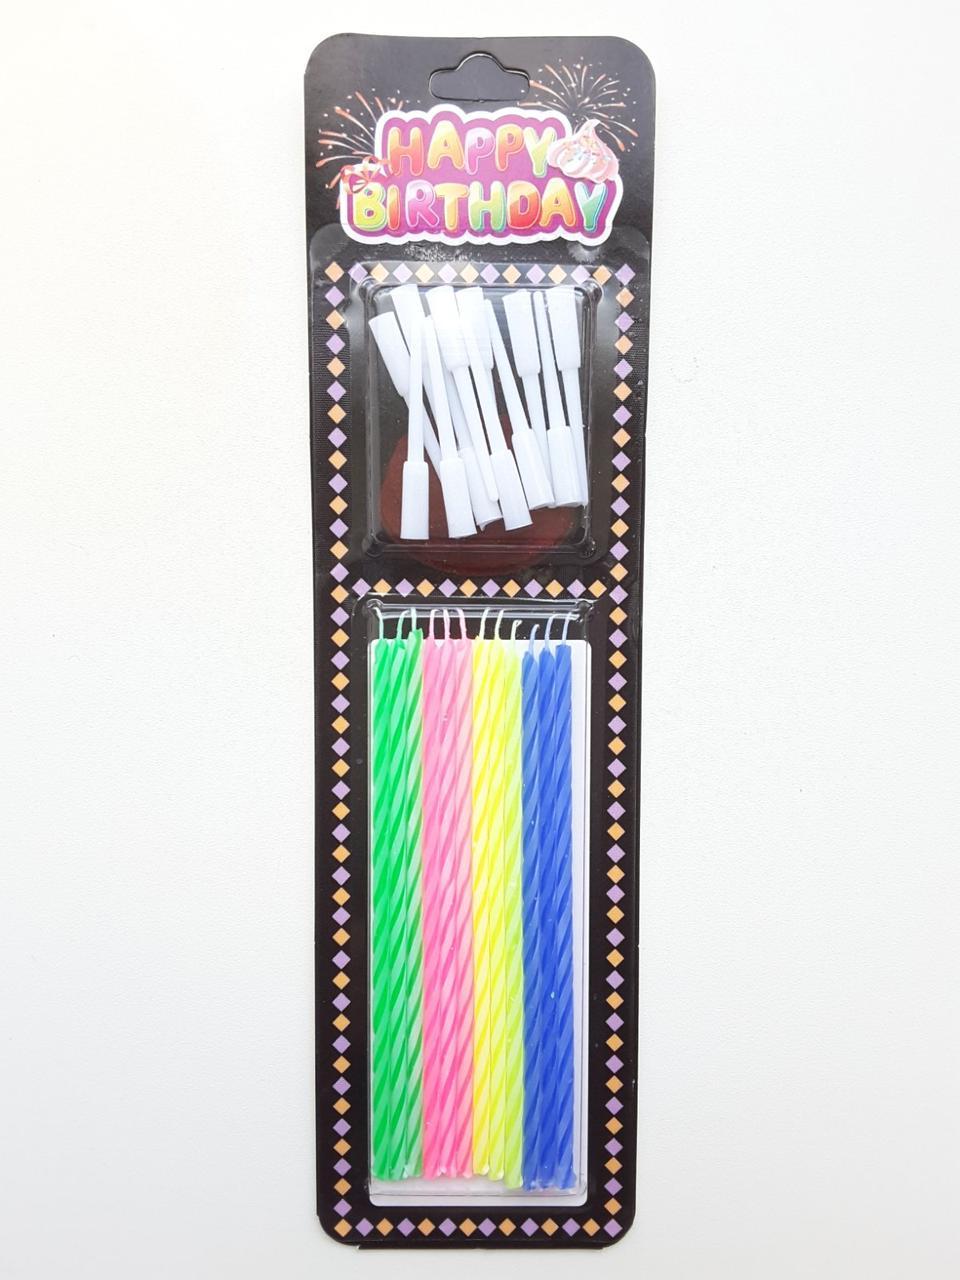 Свечи Happy birthday для торта